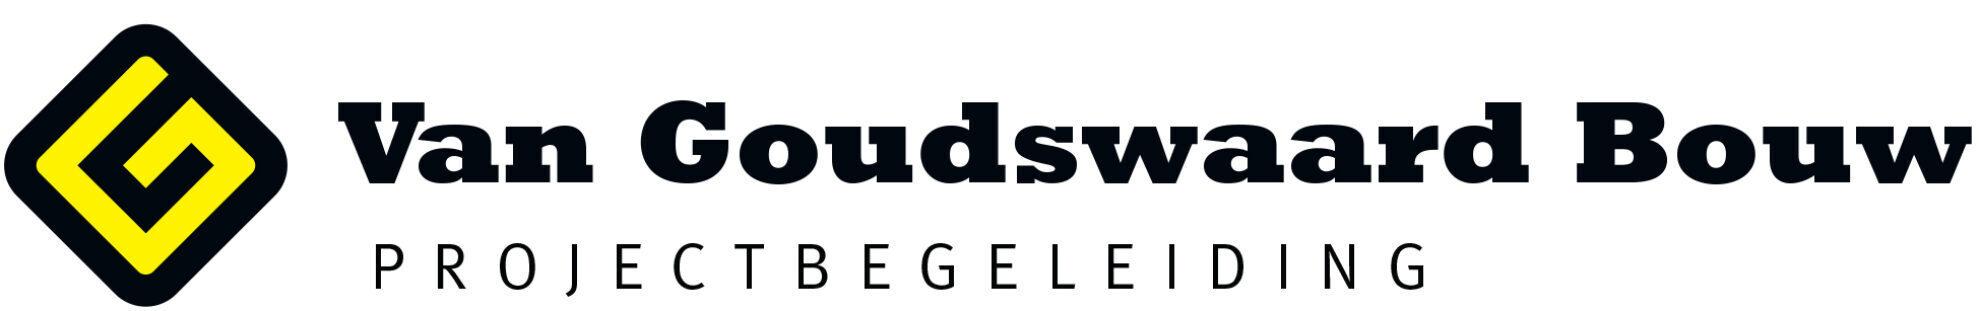 www.vangoudswaardbouw.nl